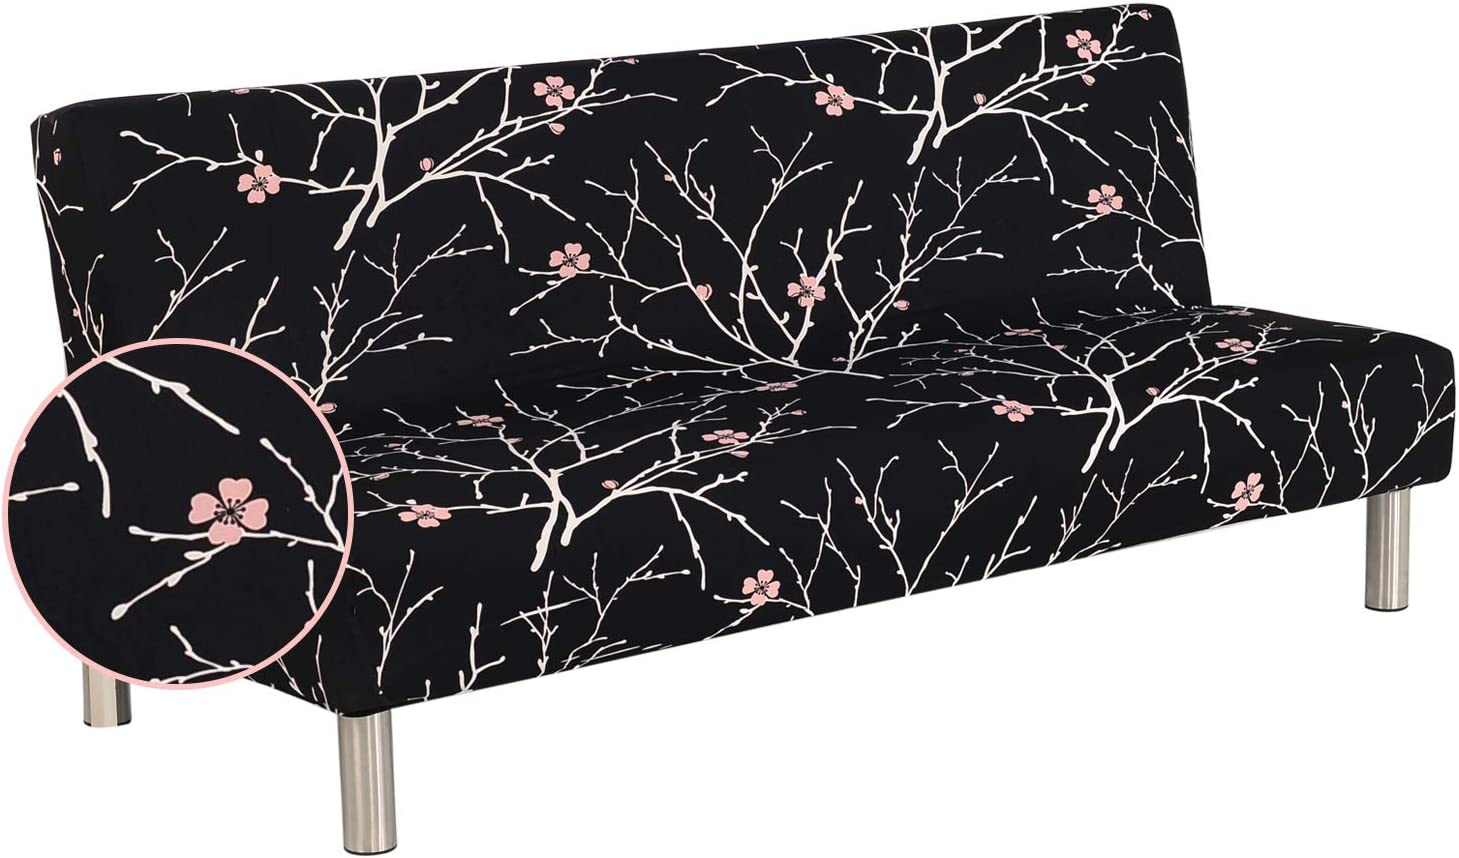 Fundas de Sofá Sin Brazos Plegable Fabric Poliéster Spandex Protector de Muebles Cubre Sofa Cubierta para Sofa Cama Fundas de Clic-clac Elástica Impresión Vintage Negro/Patrón Planta